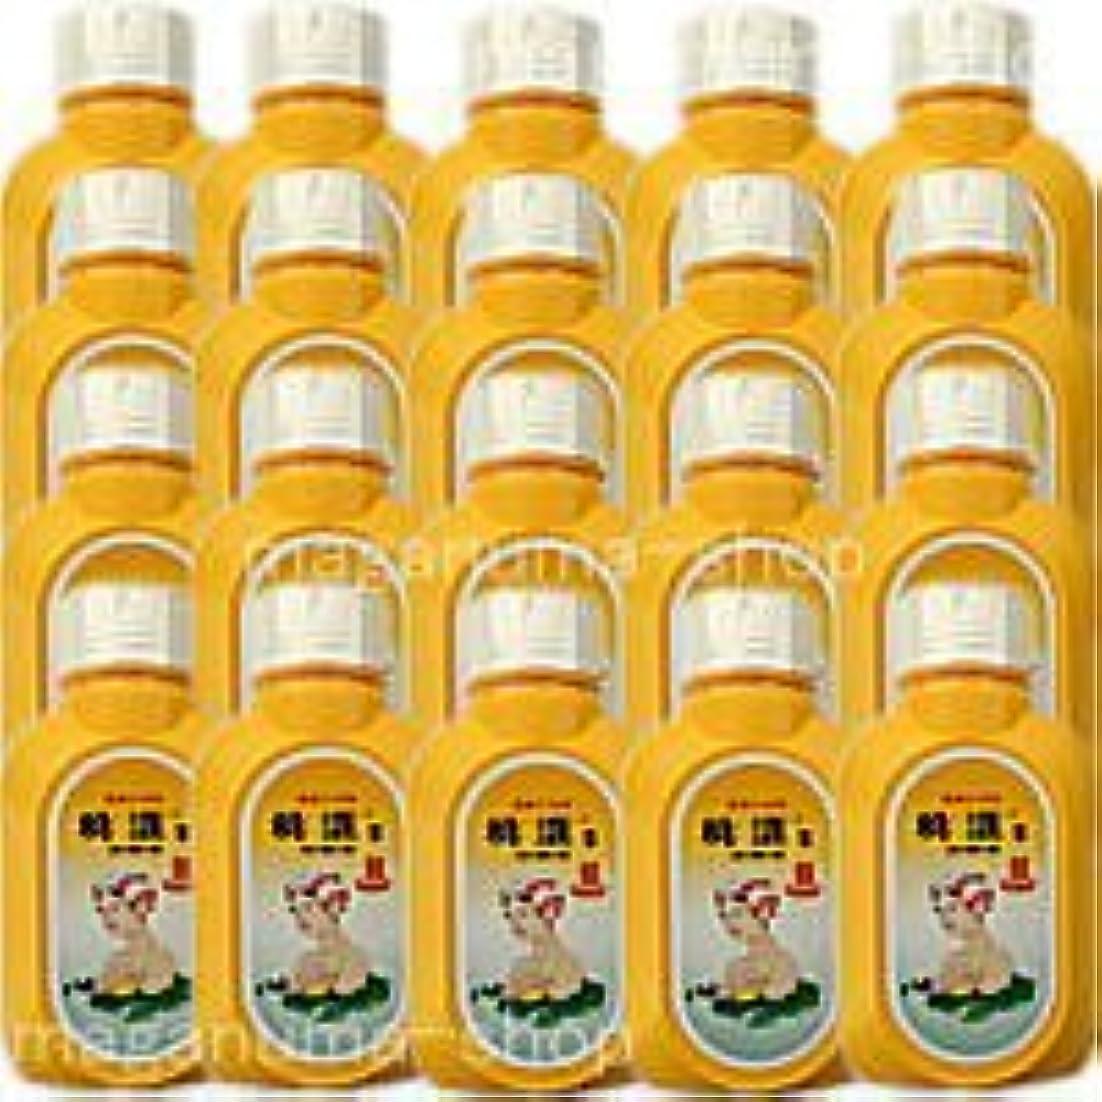 制裁遵守するきつく桃源S 桃の葉の精 700g(オレンジ) 20個